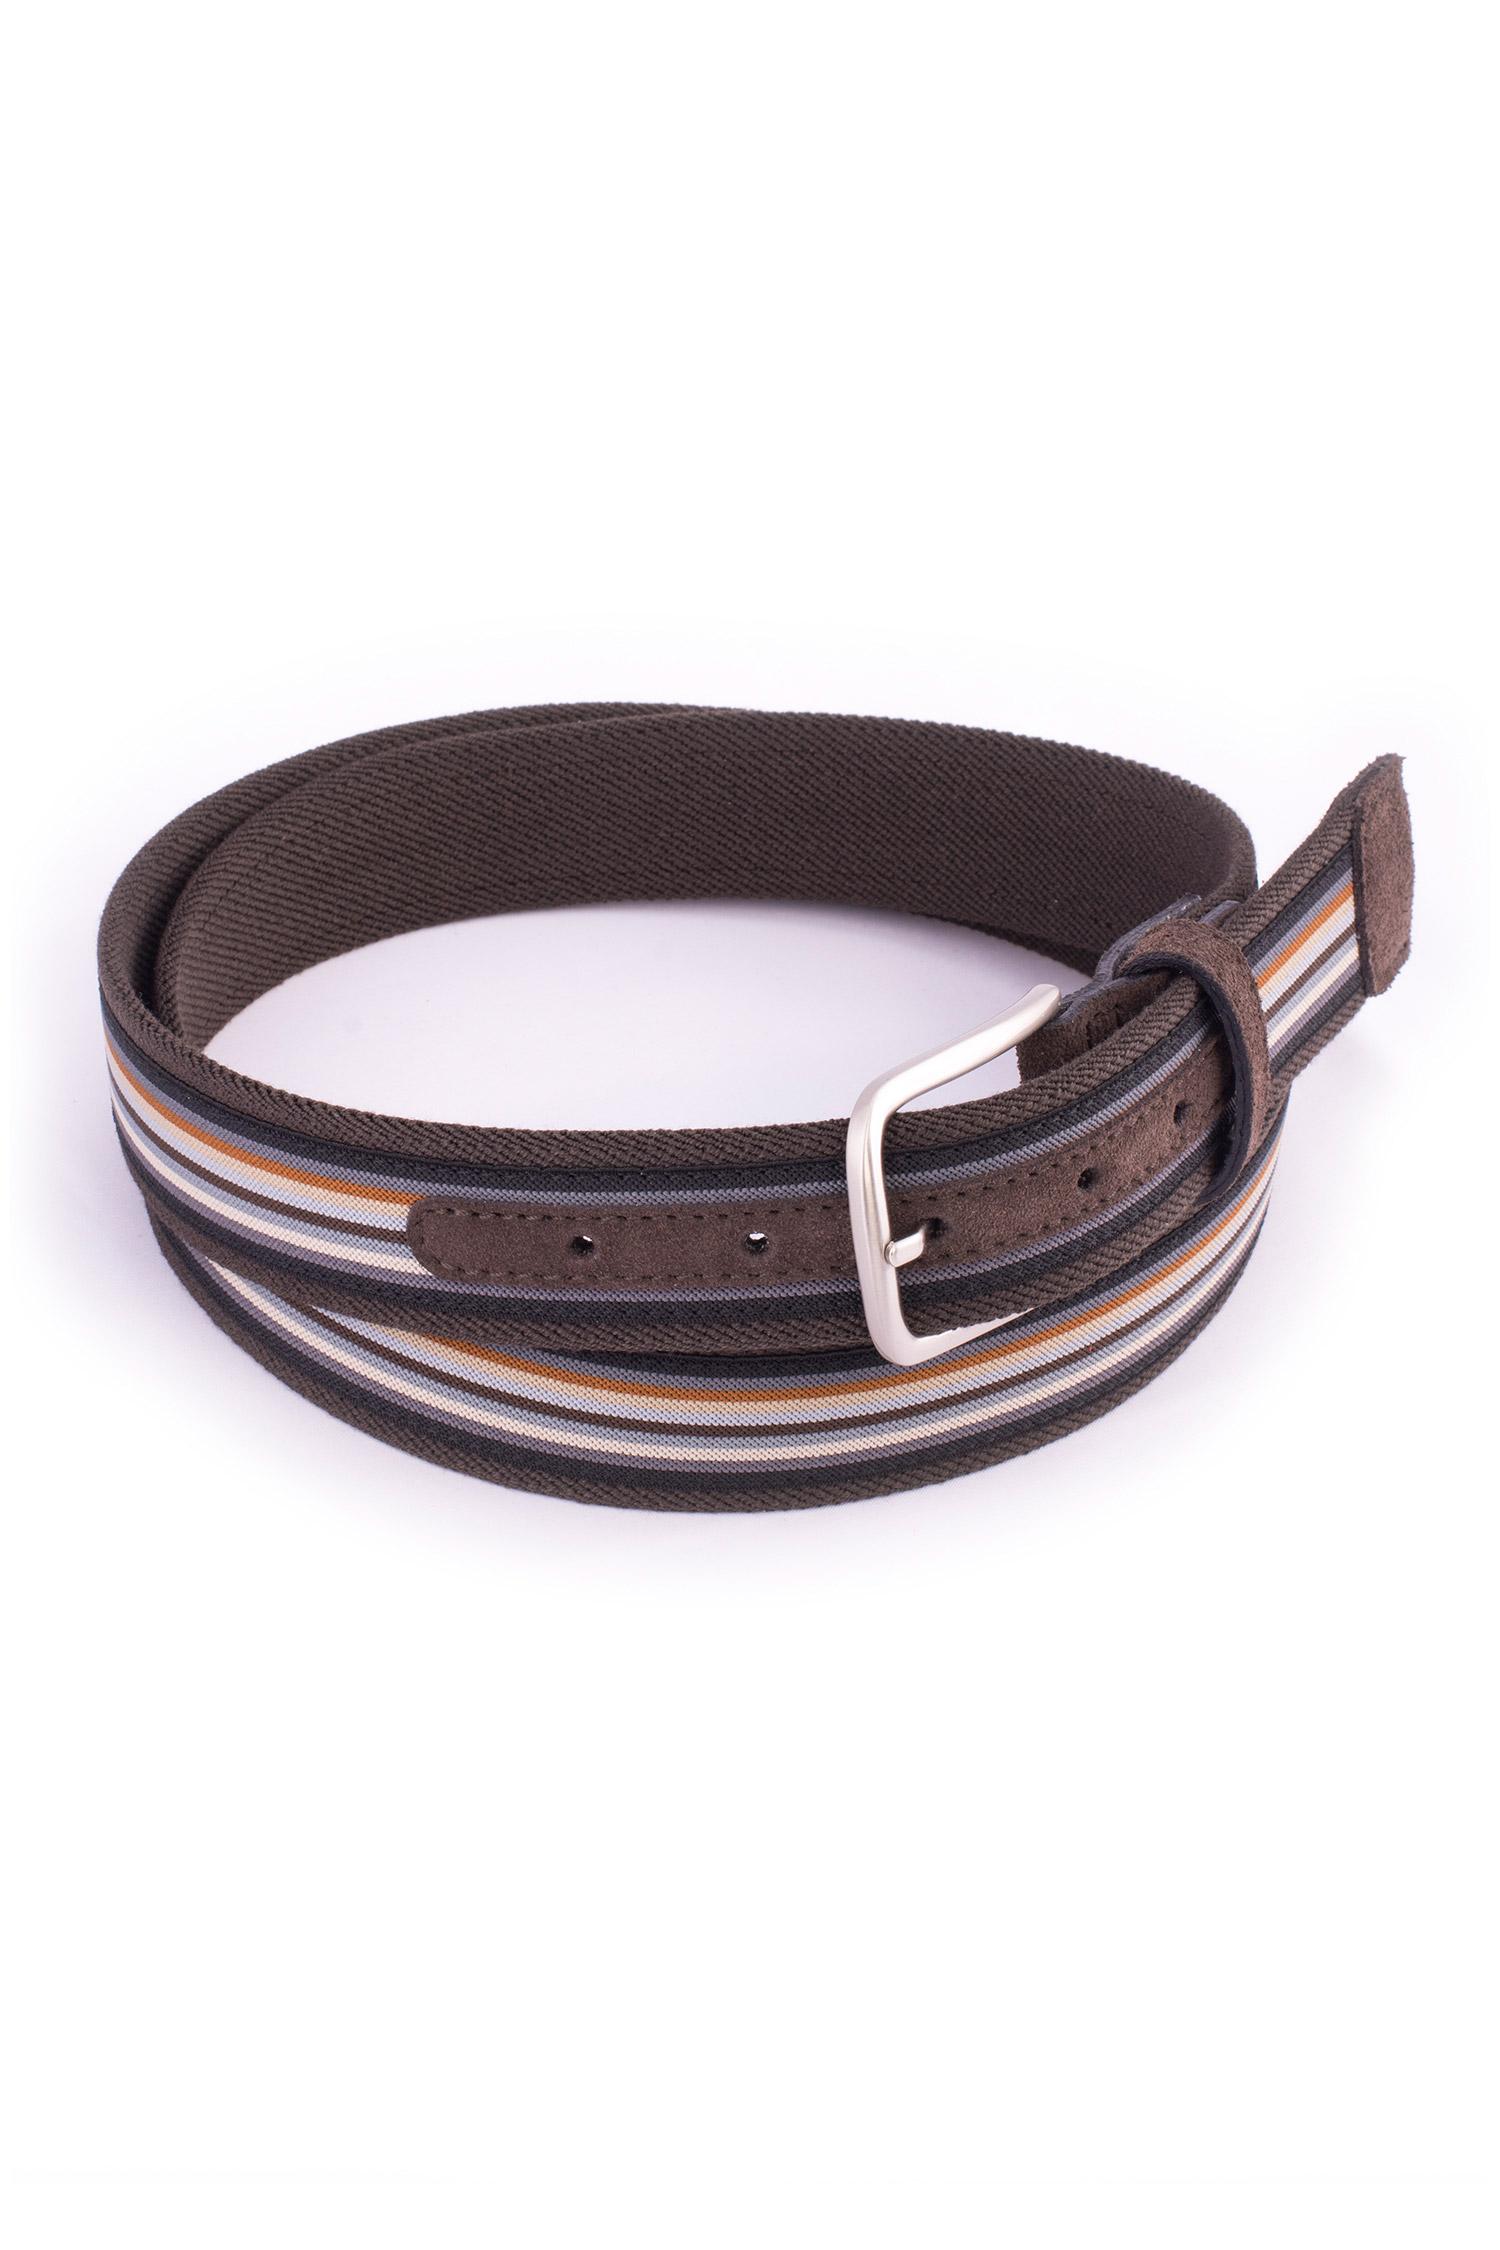 Complementos, Cinturones, 108749, MARRON | Zoom